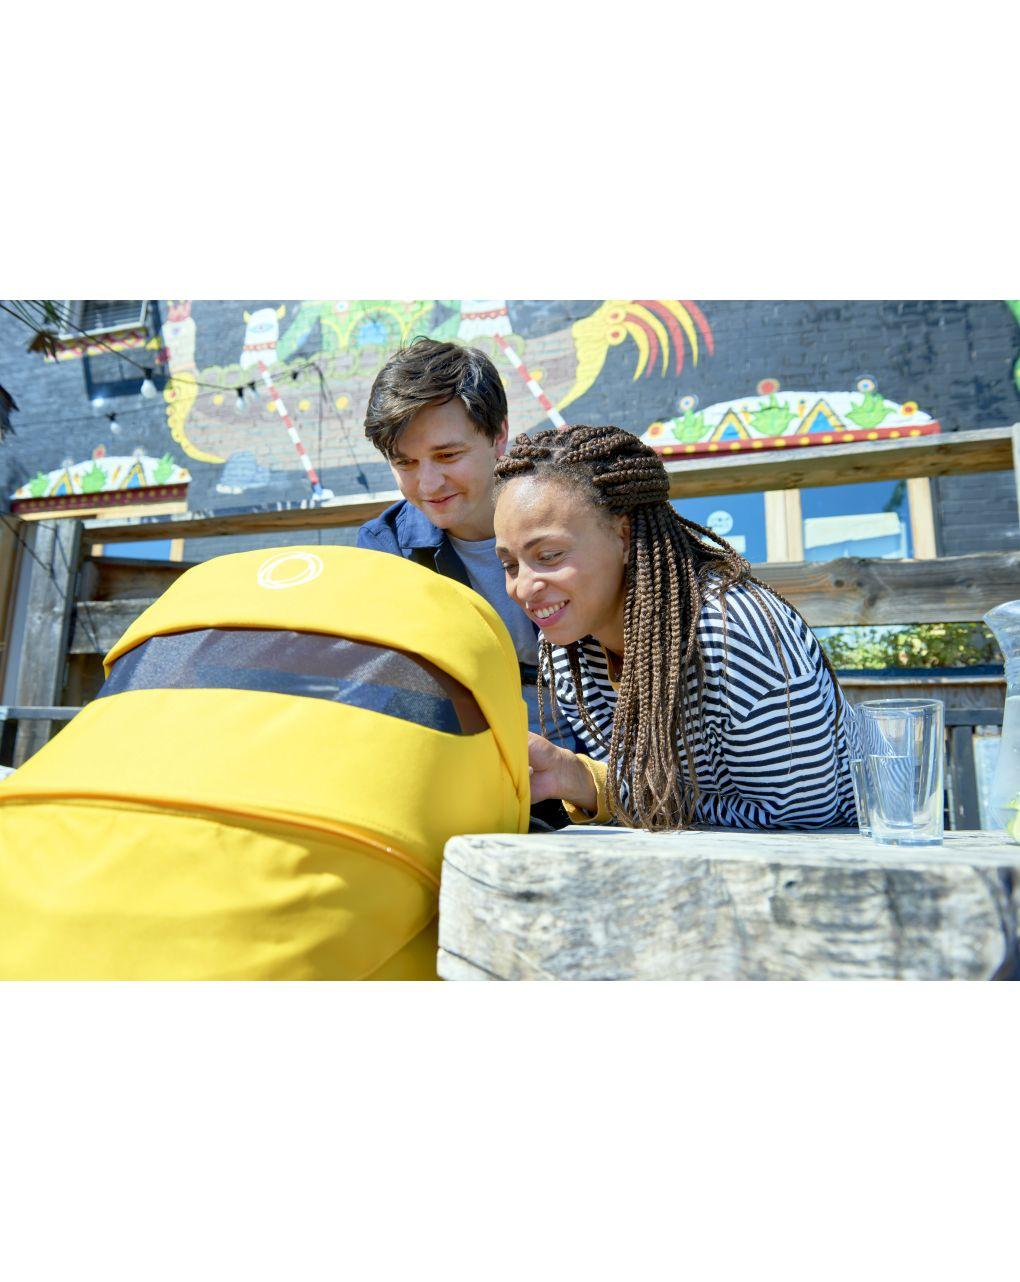 Bugaboo bee 6 completo nero/nero-giallo limone - Bugaboo